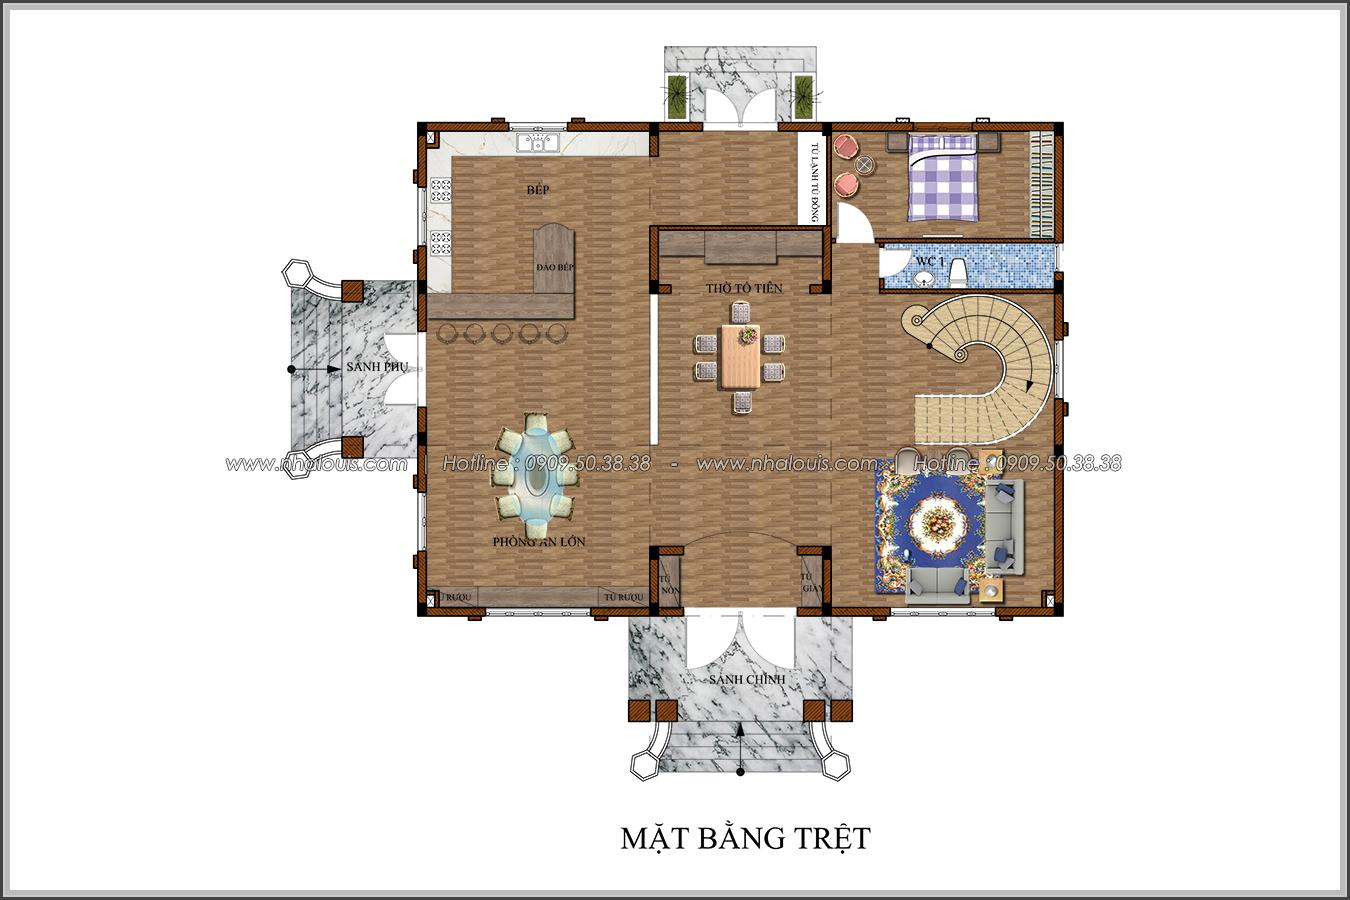 Mê mẩn với thiết kế biệt thự 3 tầng kiểu Pháp hoành tráng tại Biên Hòa - 05